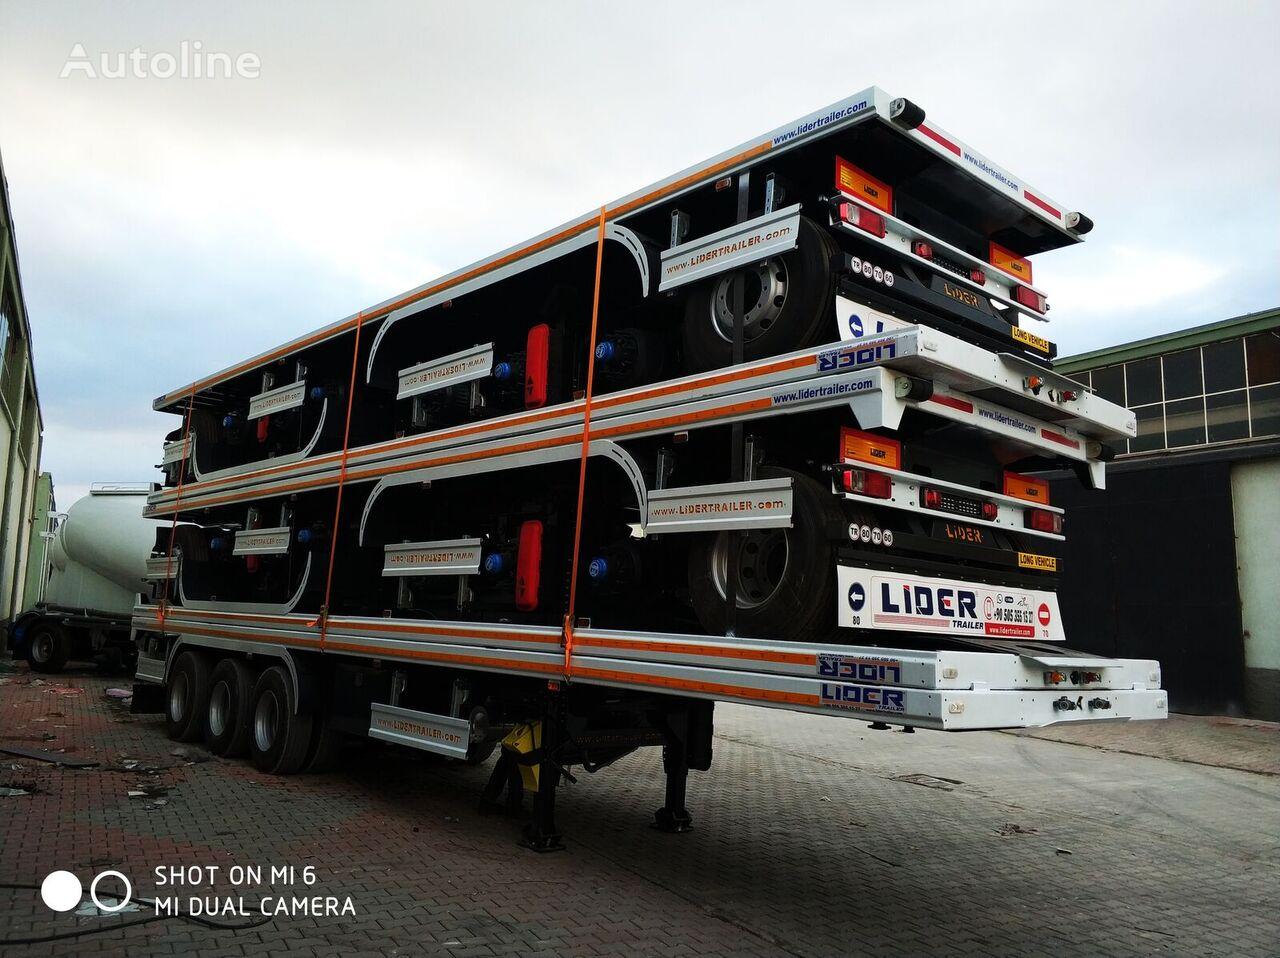 جديدة العربات نصف المقطورة شاحنة نقل الحاويات LIDER NEW 2020 MODELS YEAR (MANUFACTURER COMPANY LIDER TRAILER